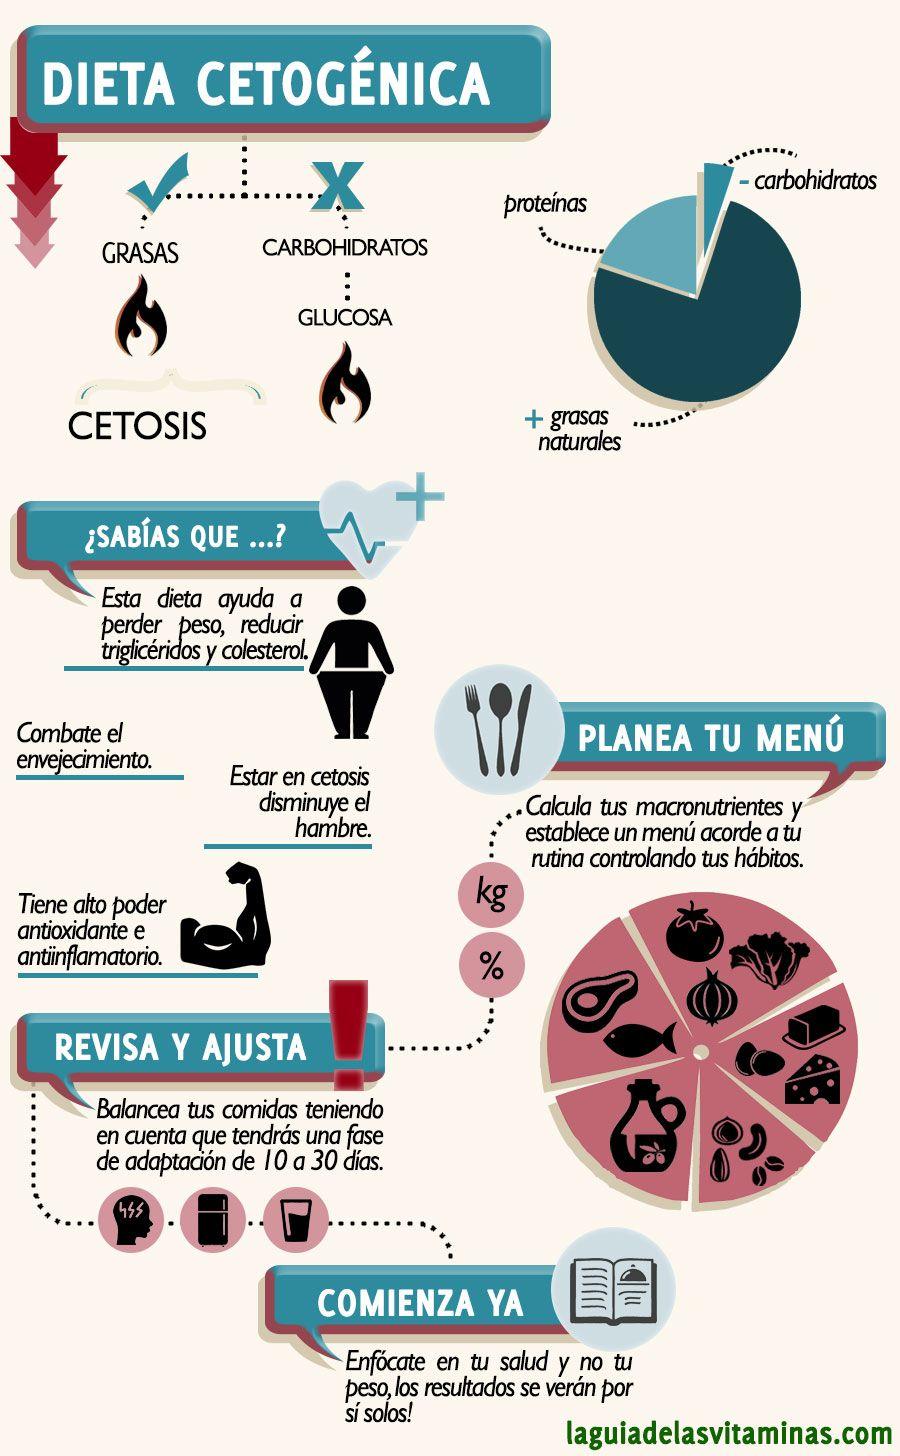 La dieta cetogénica es una dieta baja en carbohidratos, centrada en el  consumo de grasas naturales, con ingesta de proteínas adecuadas con la  finalidad de ...